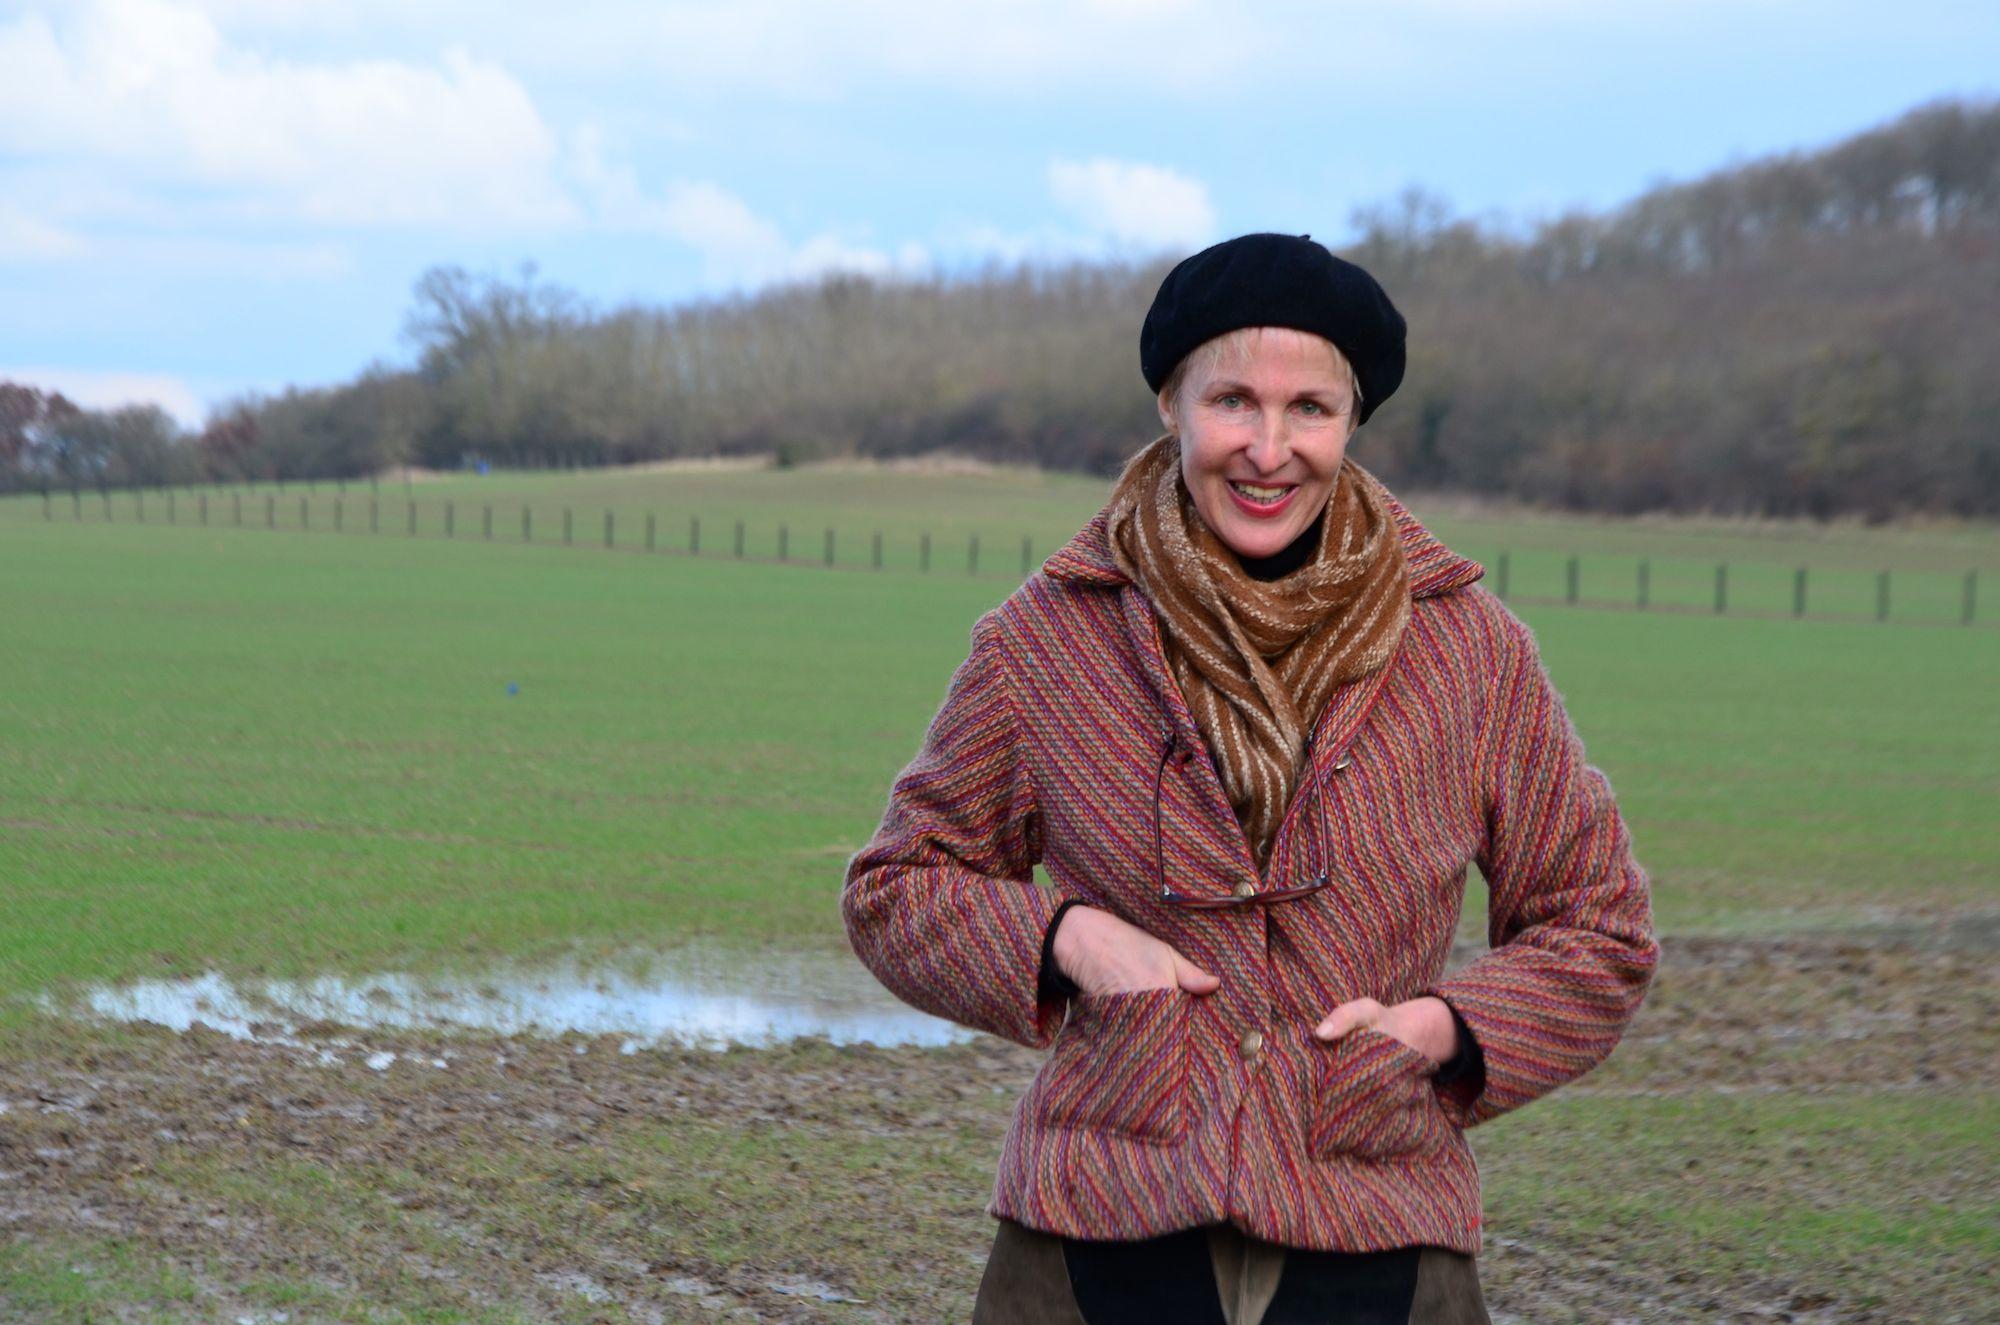 Une femme écrivaine dans un monde d'agriculteurs...